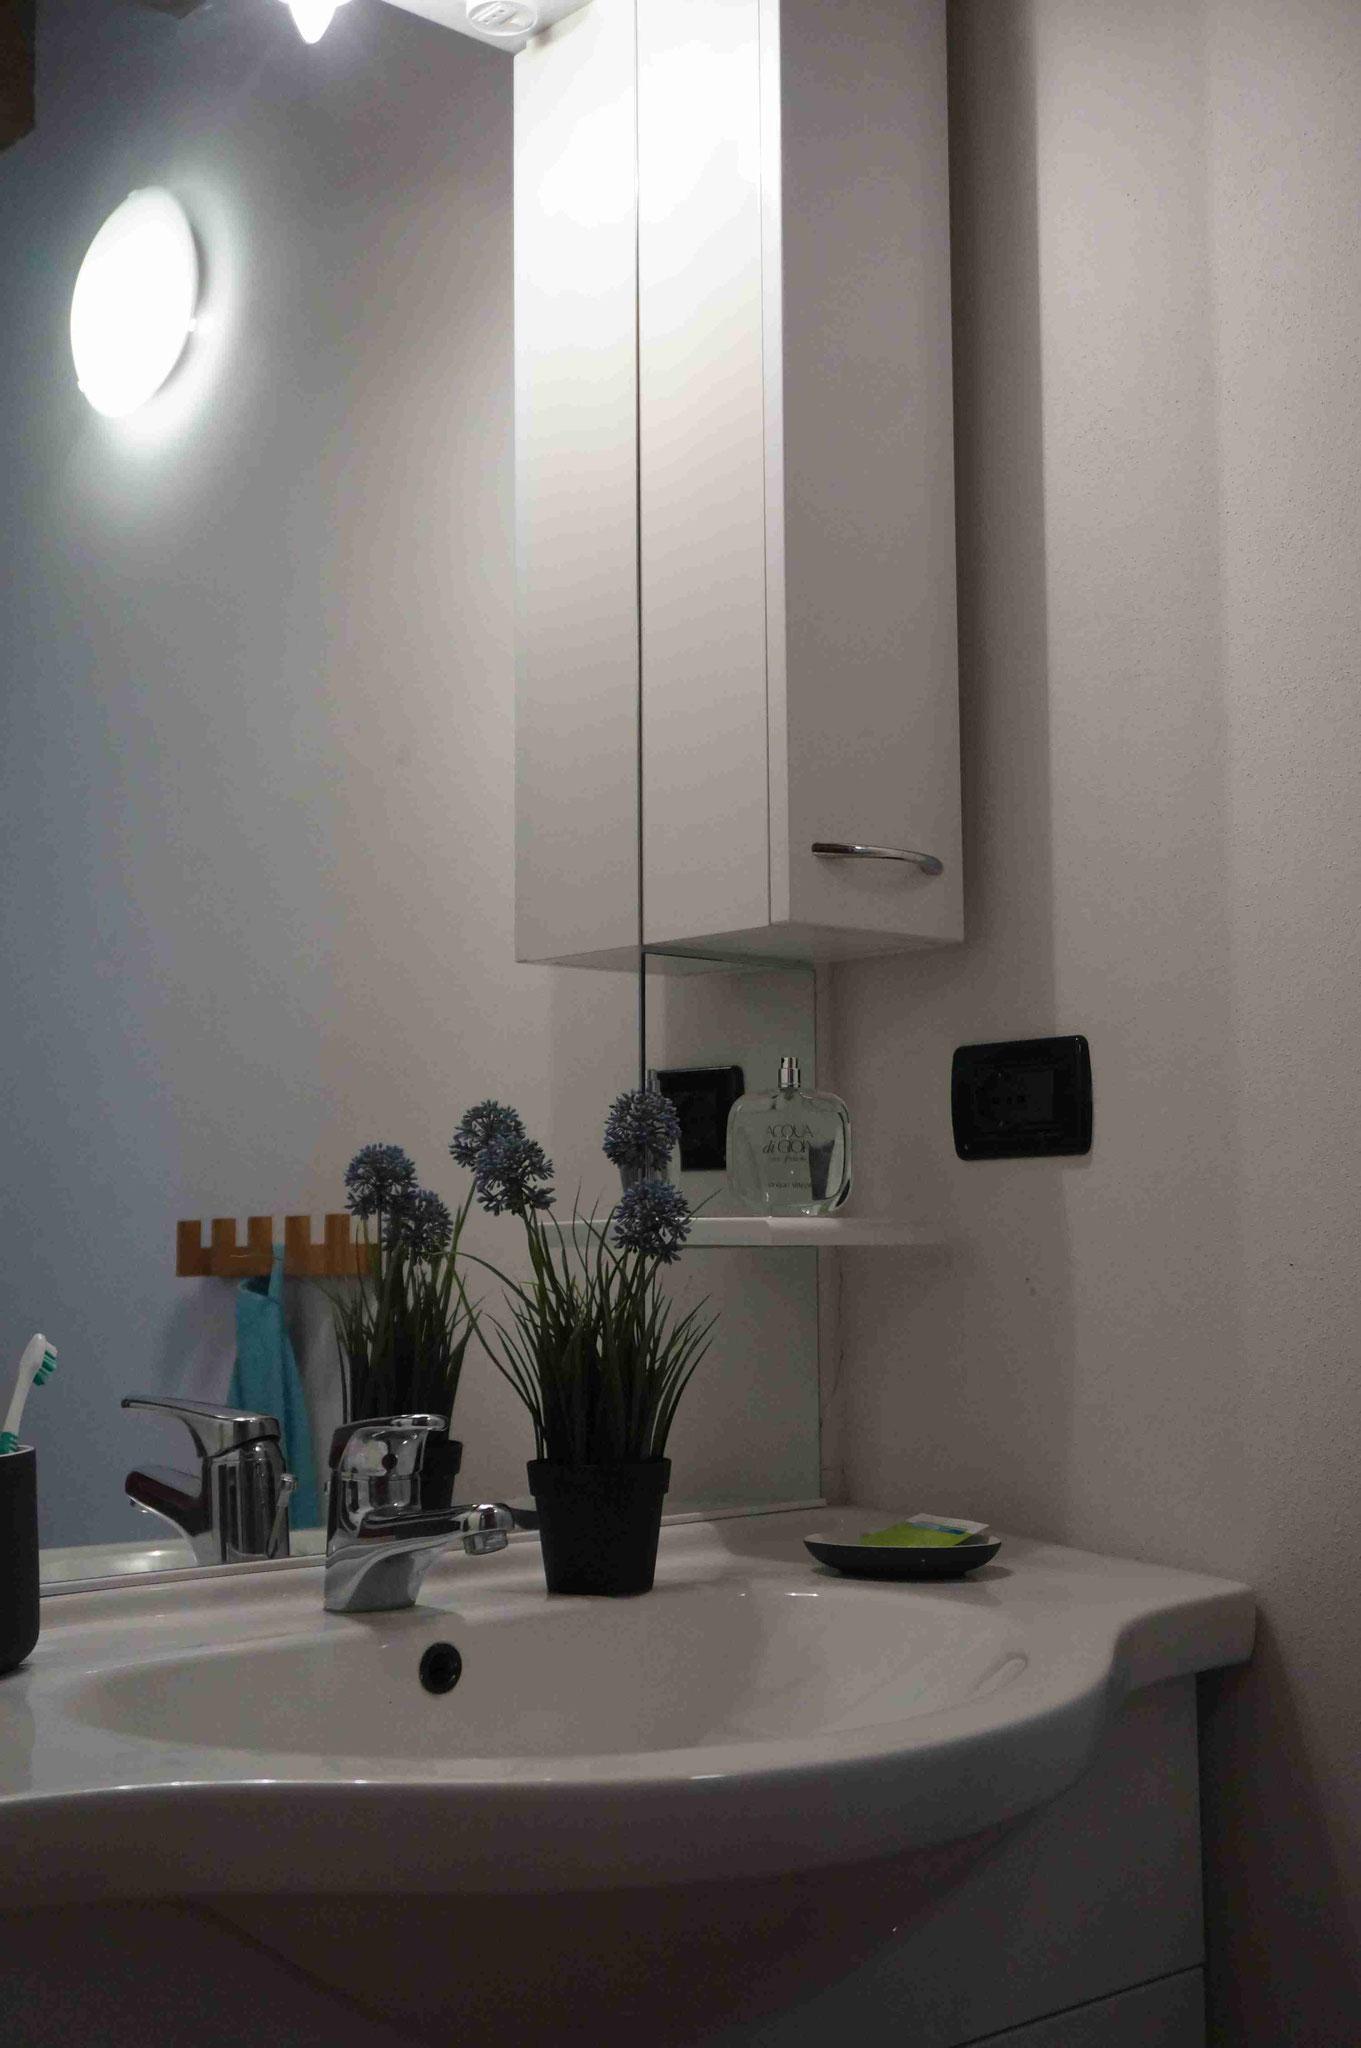 Appartement20 - Waschbereich  Nahaufnahme